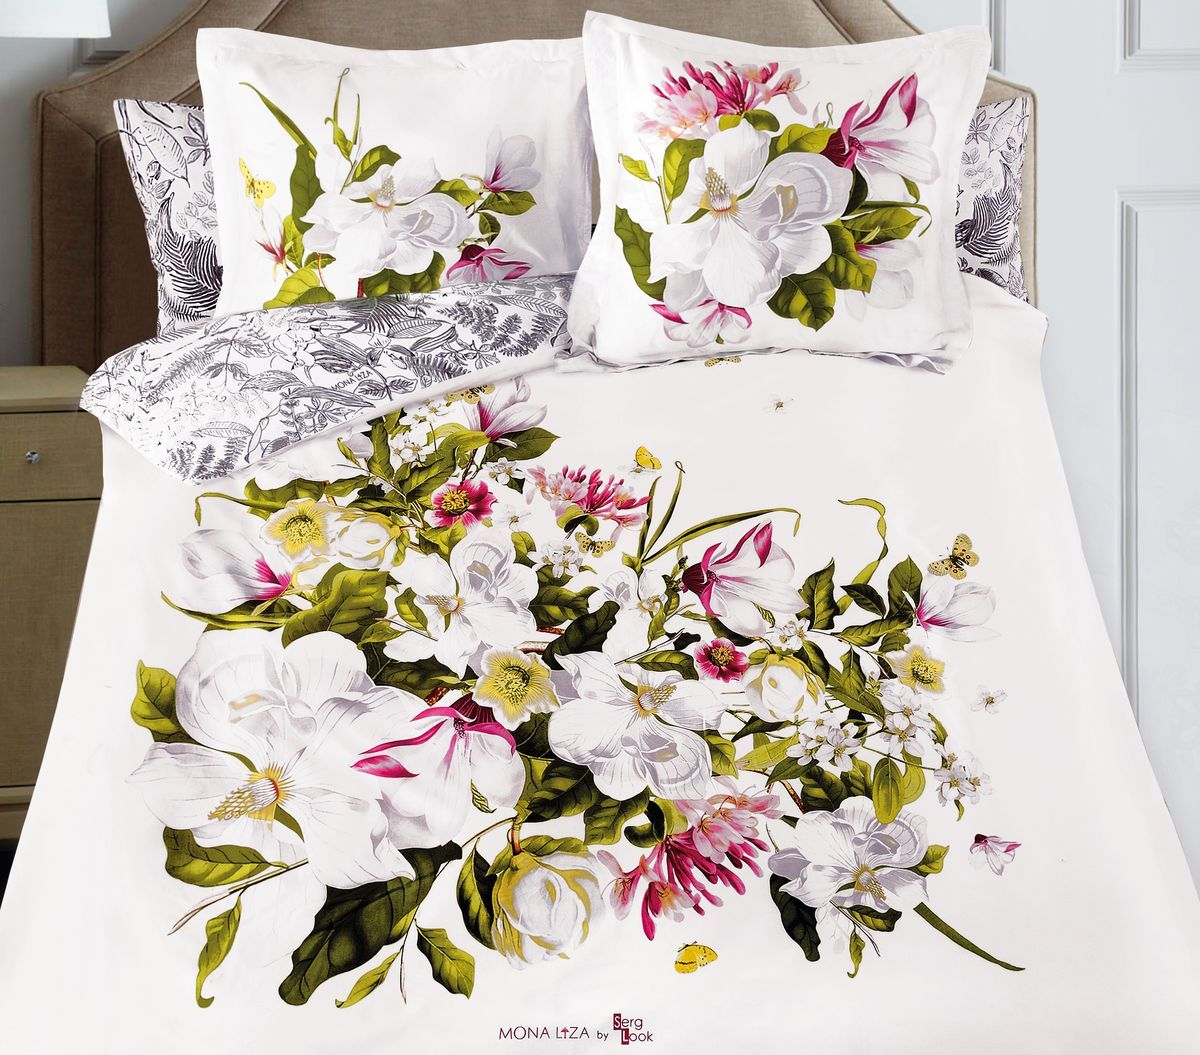 Комплект белья Mona Liza Magnolia, 2-спальный, наволочки 50x70, 70x70CLP446Флоральные мотивы редких экзотических цветов, переведенные в паттерн, позаимствованы из путешествий по тропическим лесам, будоражат воображение природными сочетаниями цветовых палитр и роскошью принтов. Коллекция принесет в ваш дом незабываемое настроение и добавит колорит. Высококачественный сатин окутает и позволит раствориться в мечтах о дальних жарких странах и окунуться во время вечного лета!